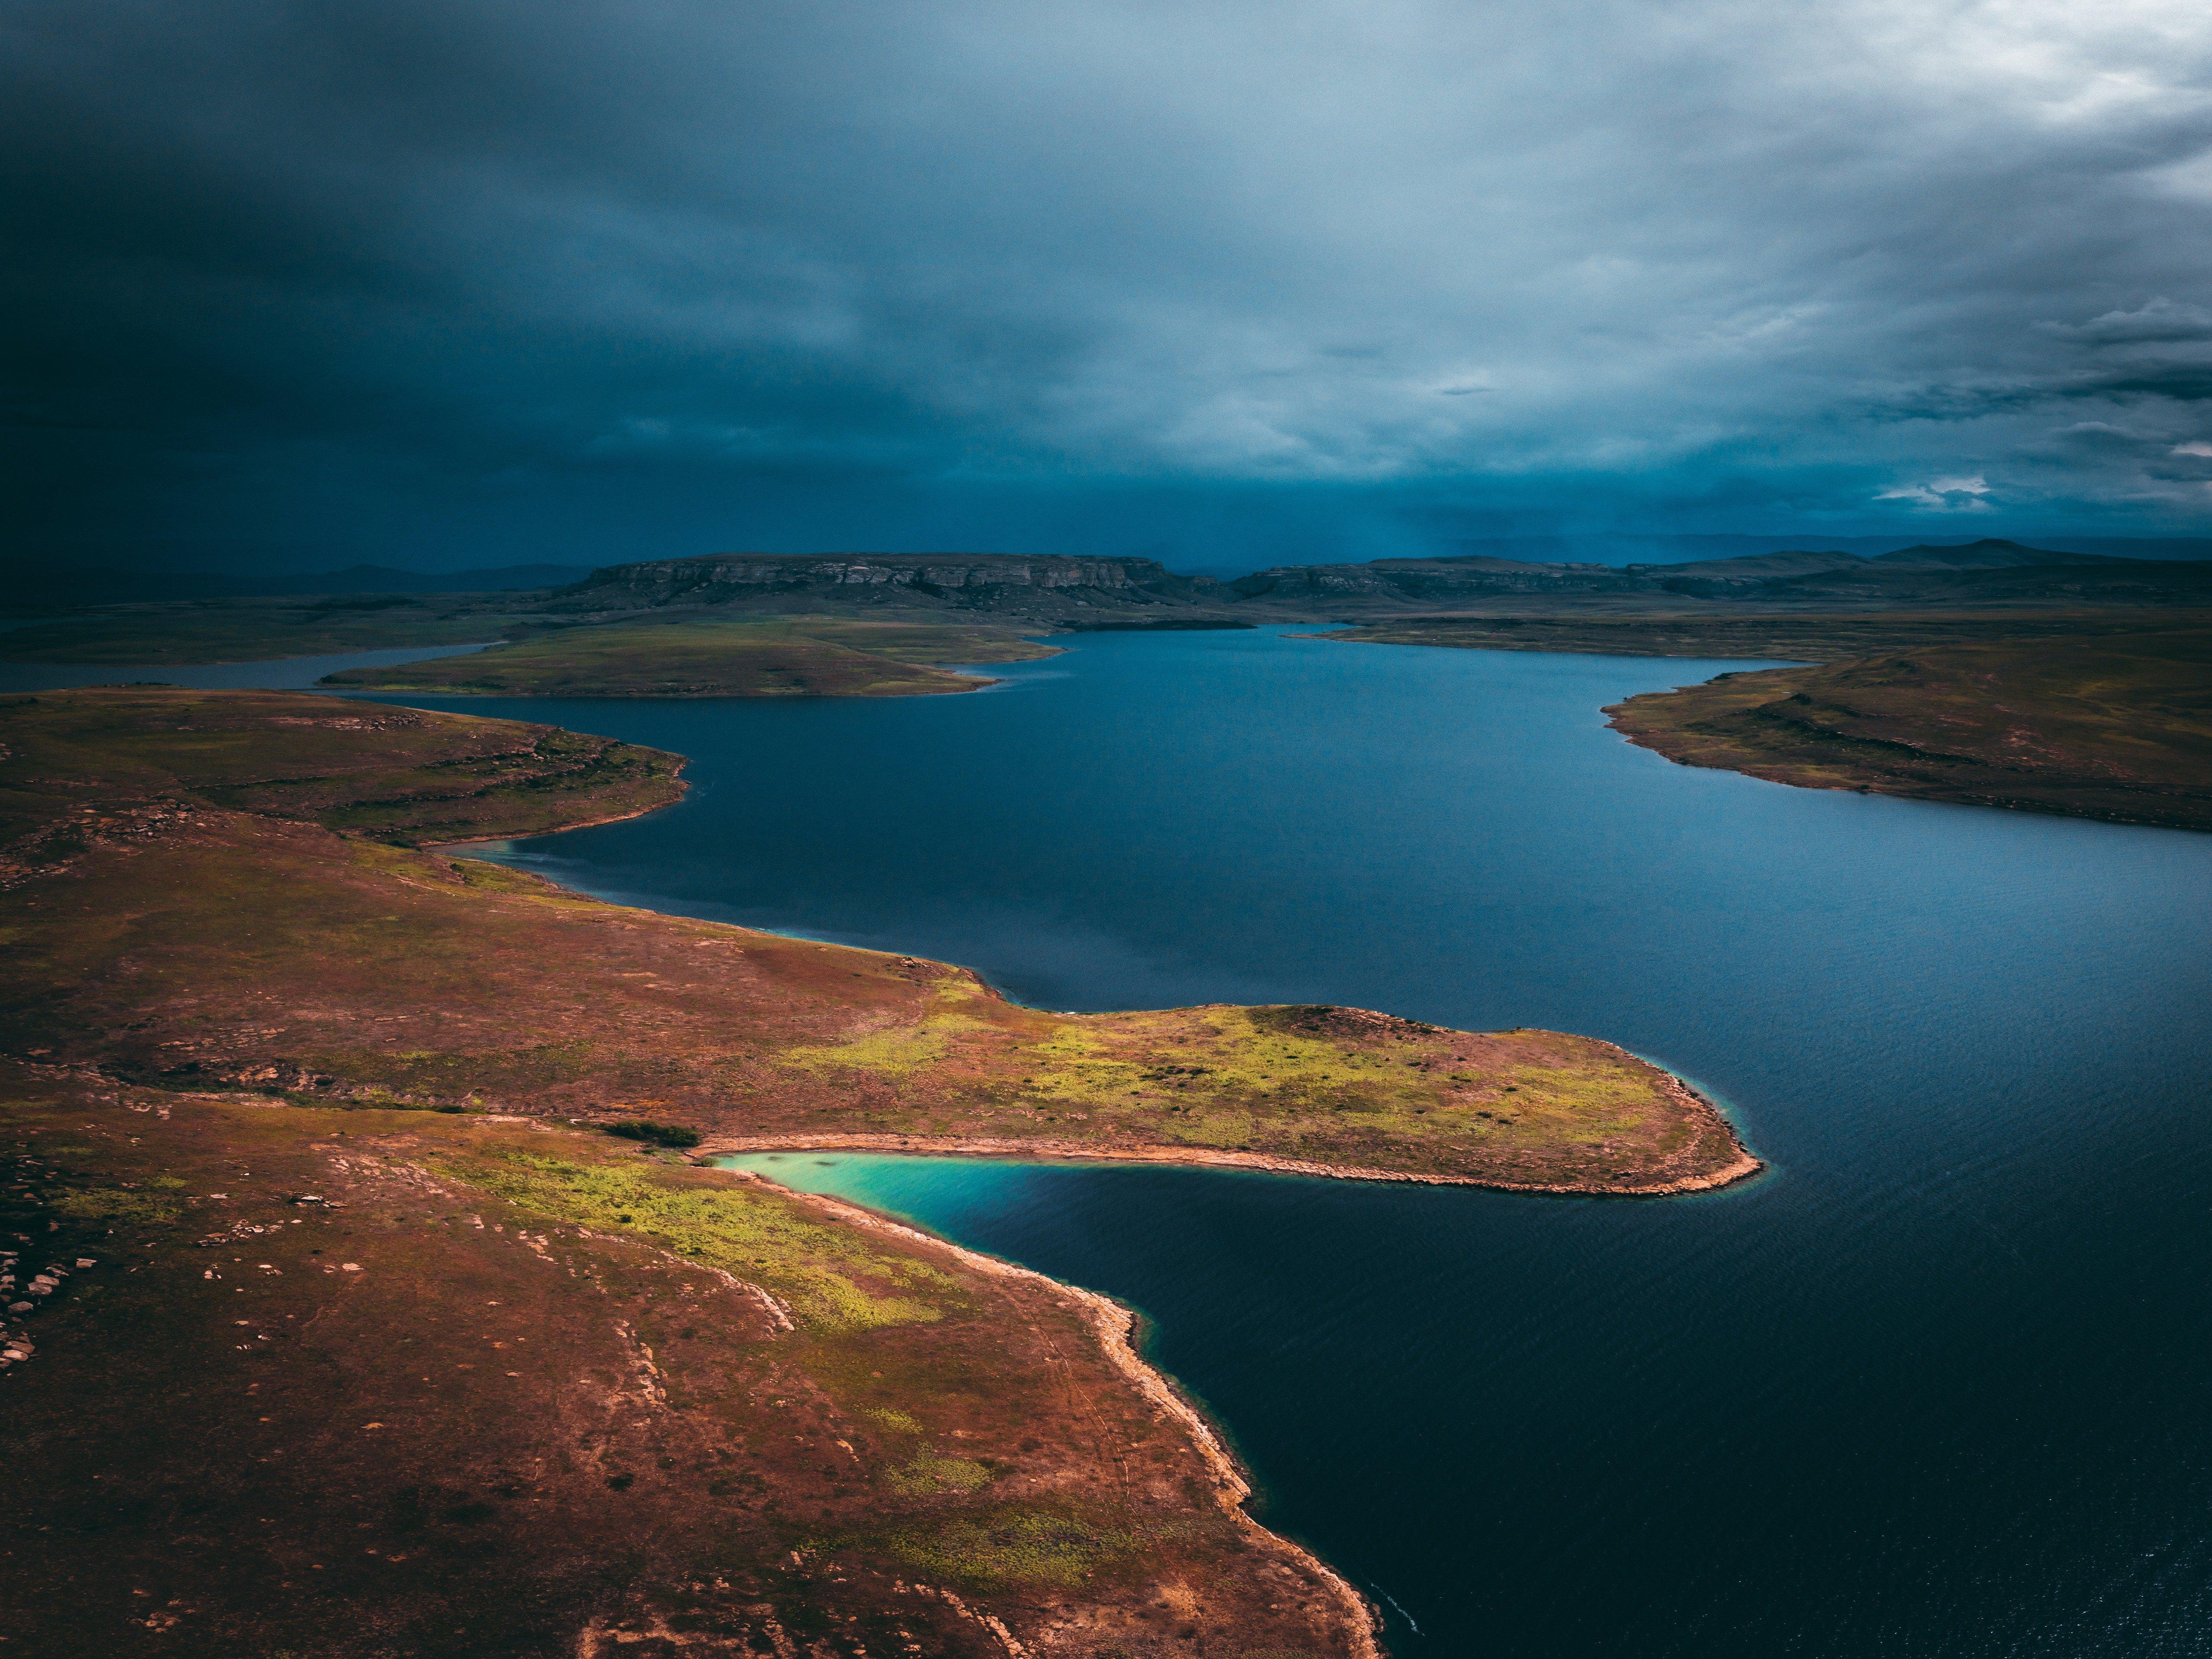 Beautiful Lake Thabo Mofutsanyana South Africa 4k Wallpaper